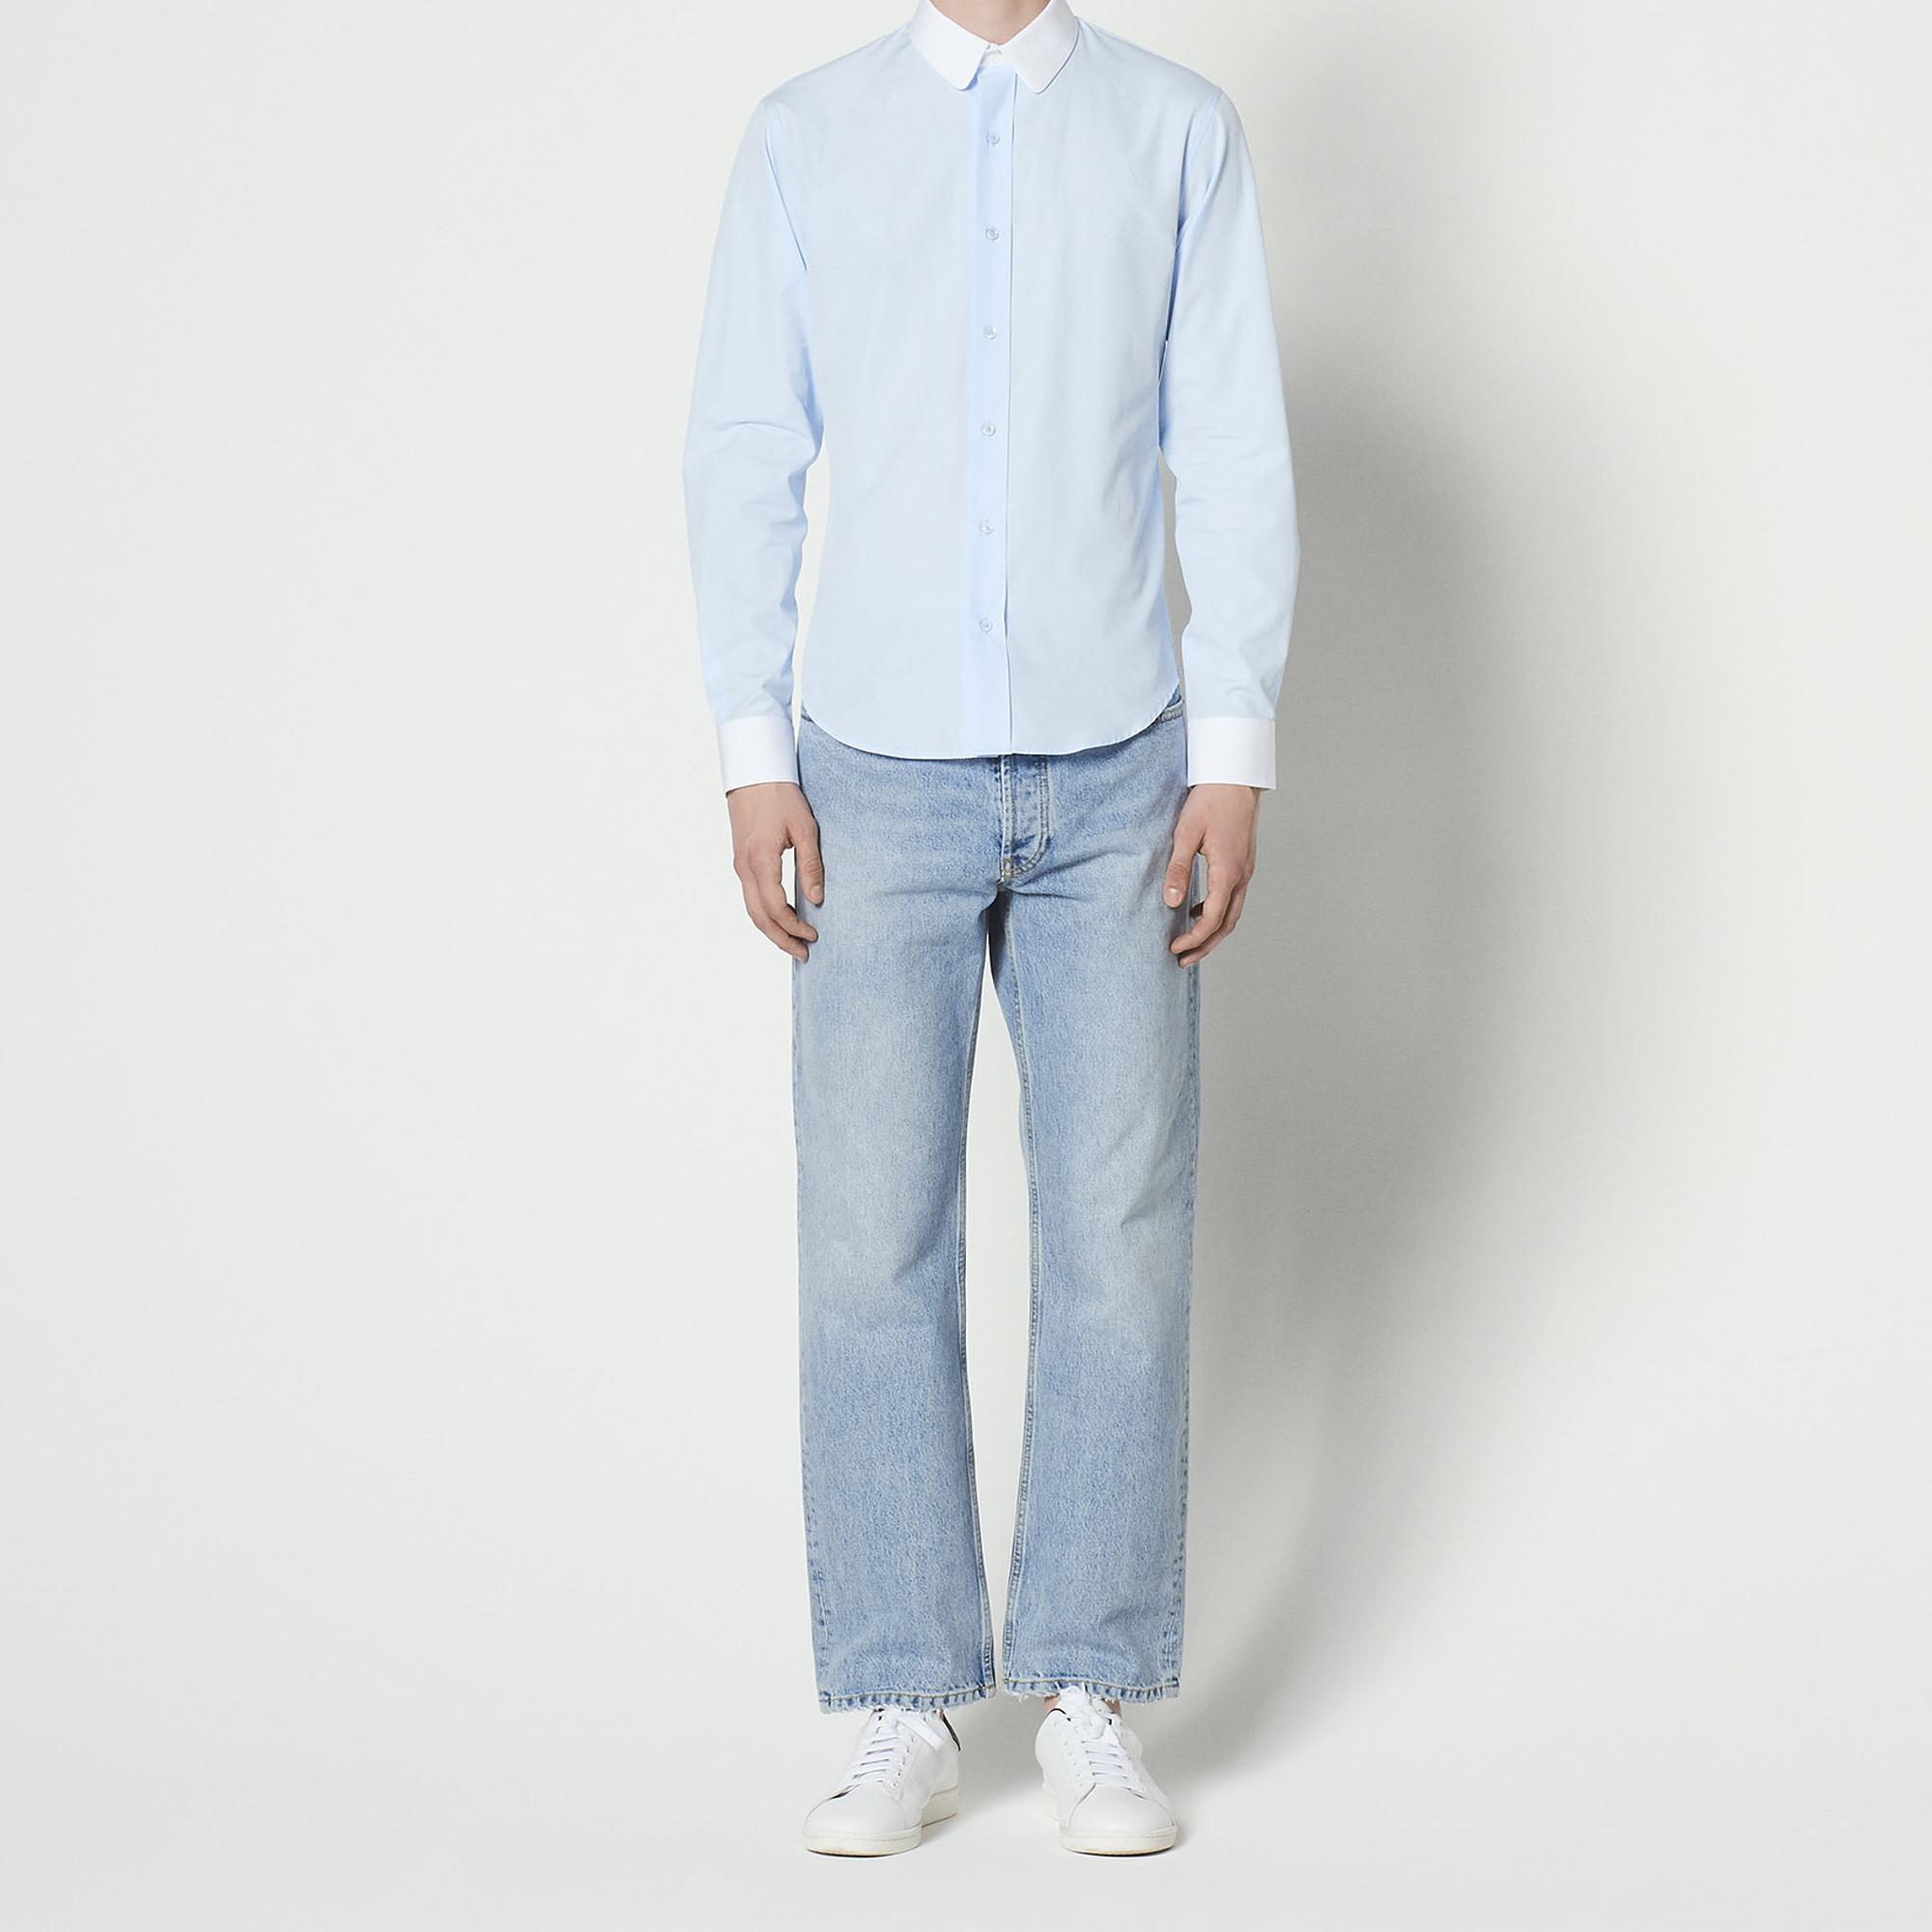 Camicia con collo e polsini a contrasto : Collezione Estiva colore Sky Blue